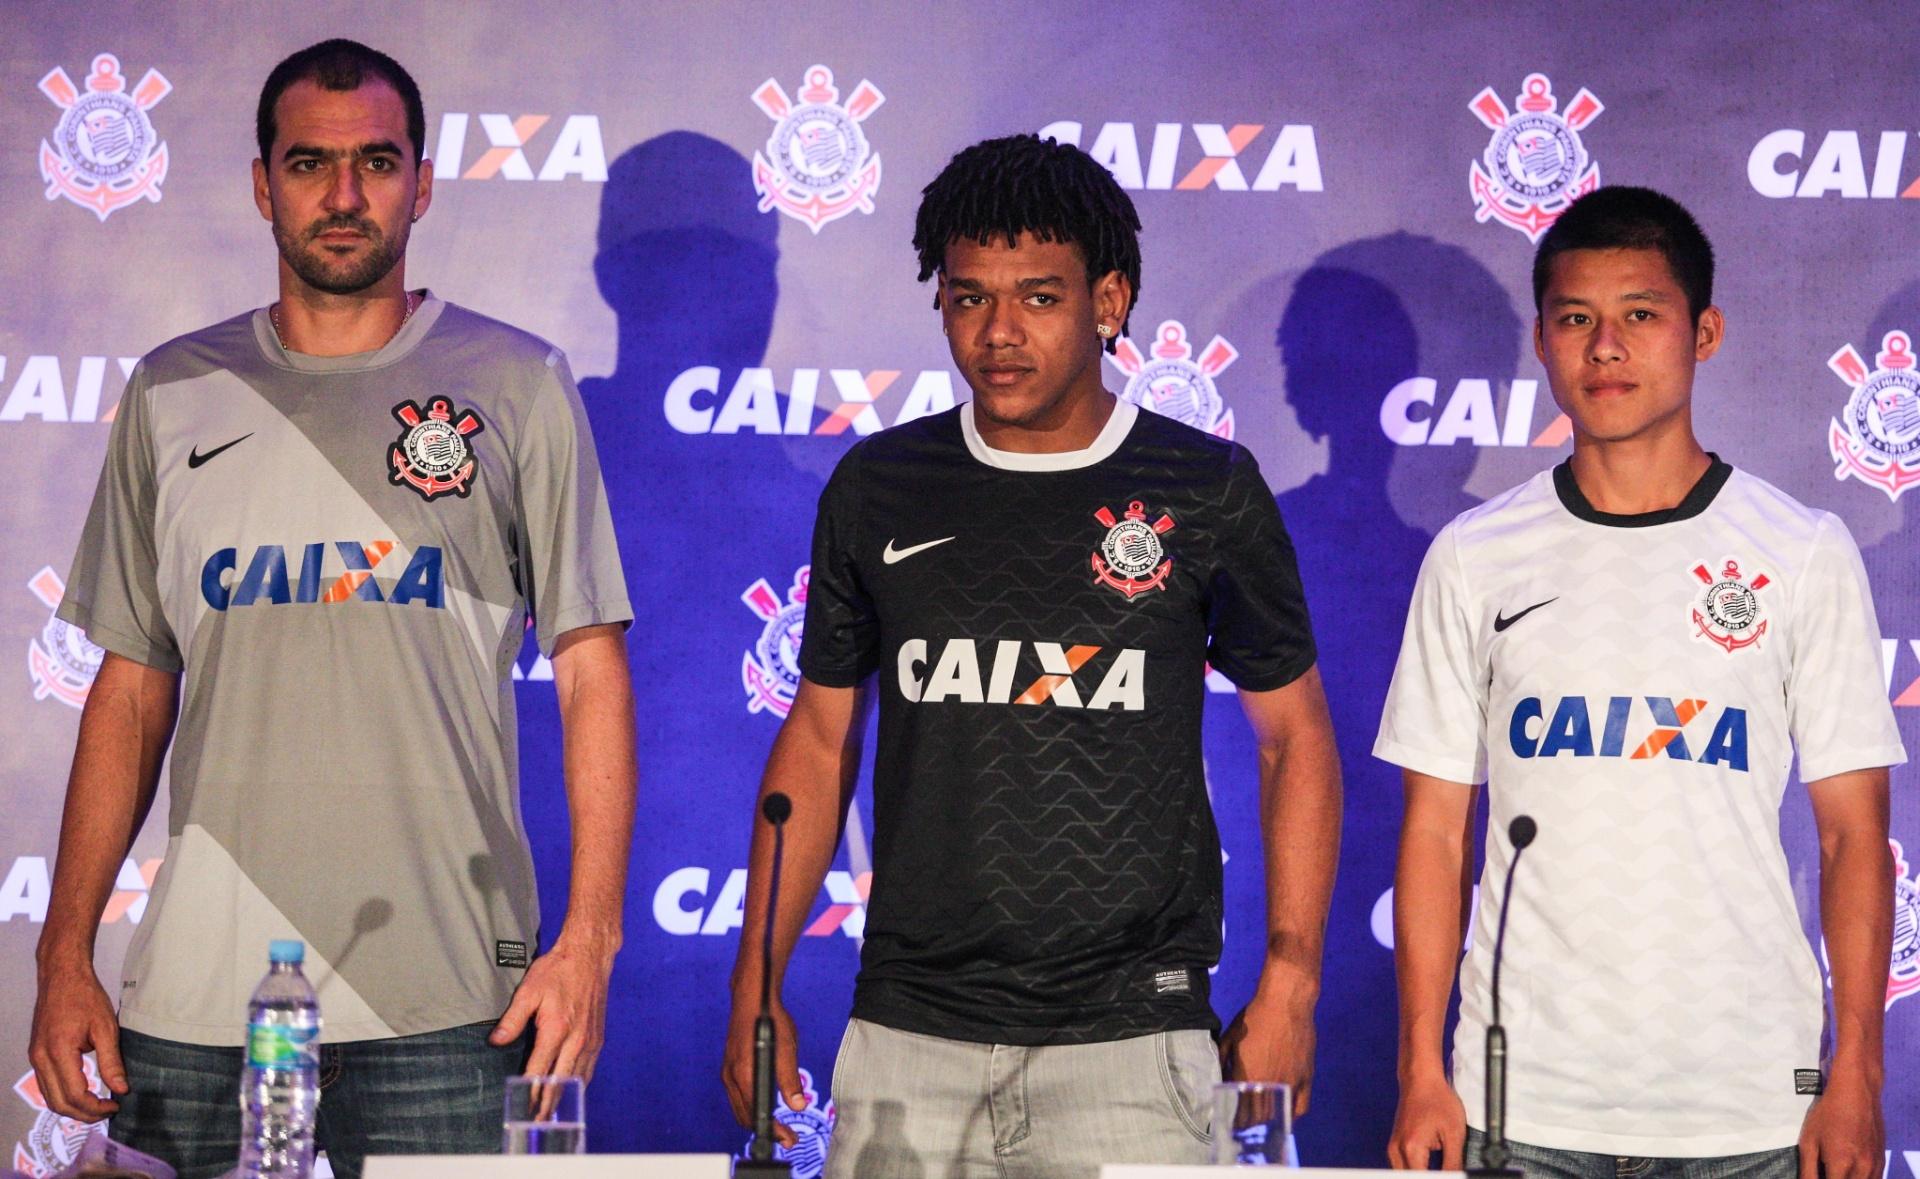 Corinthians leva a melhor em julgamento e volta a receber patrocínio da  Caixa - Esporte - BOL ad00267f7603d